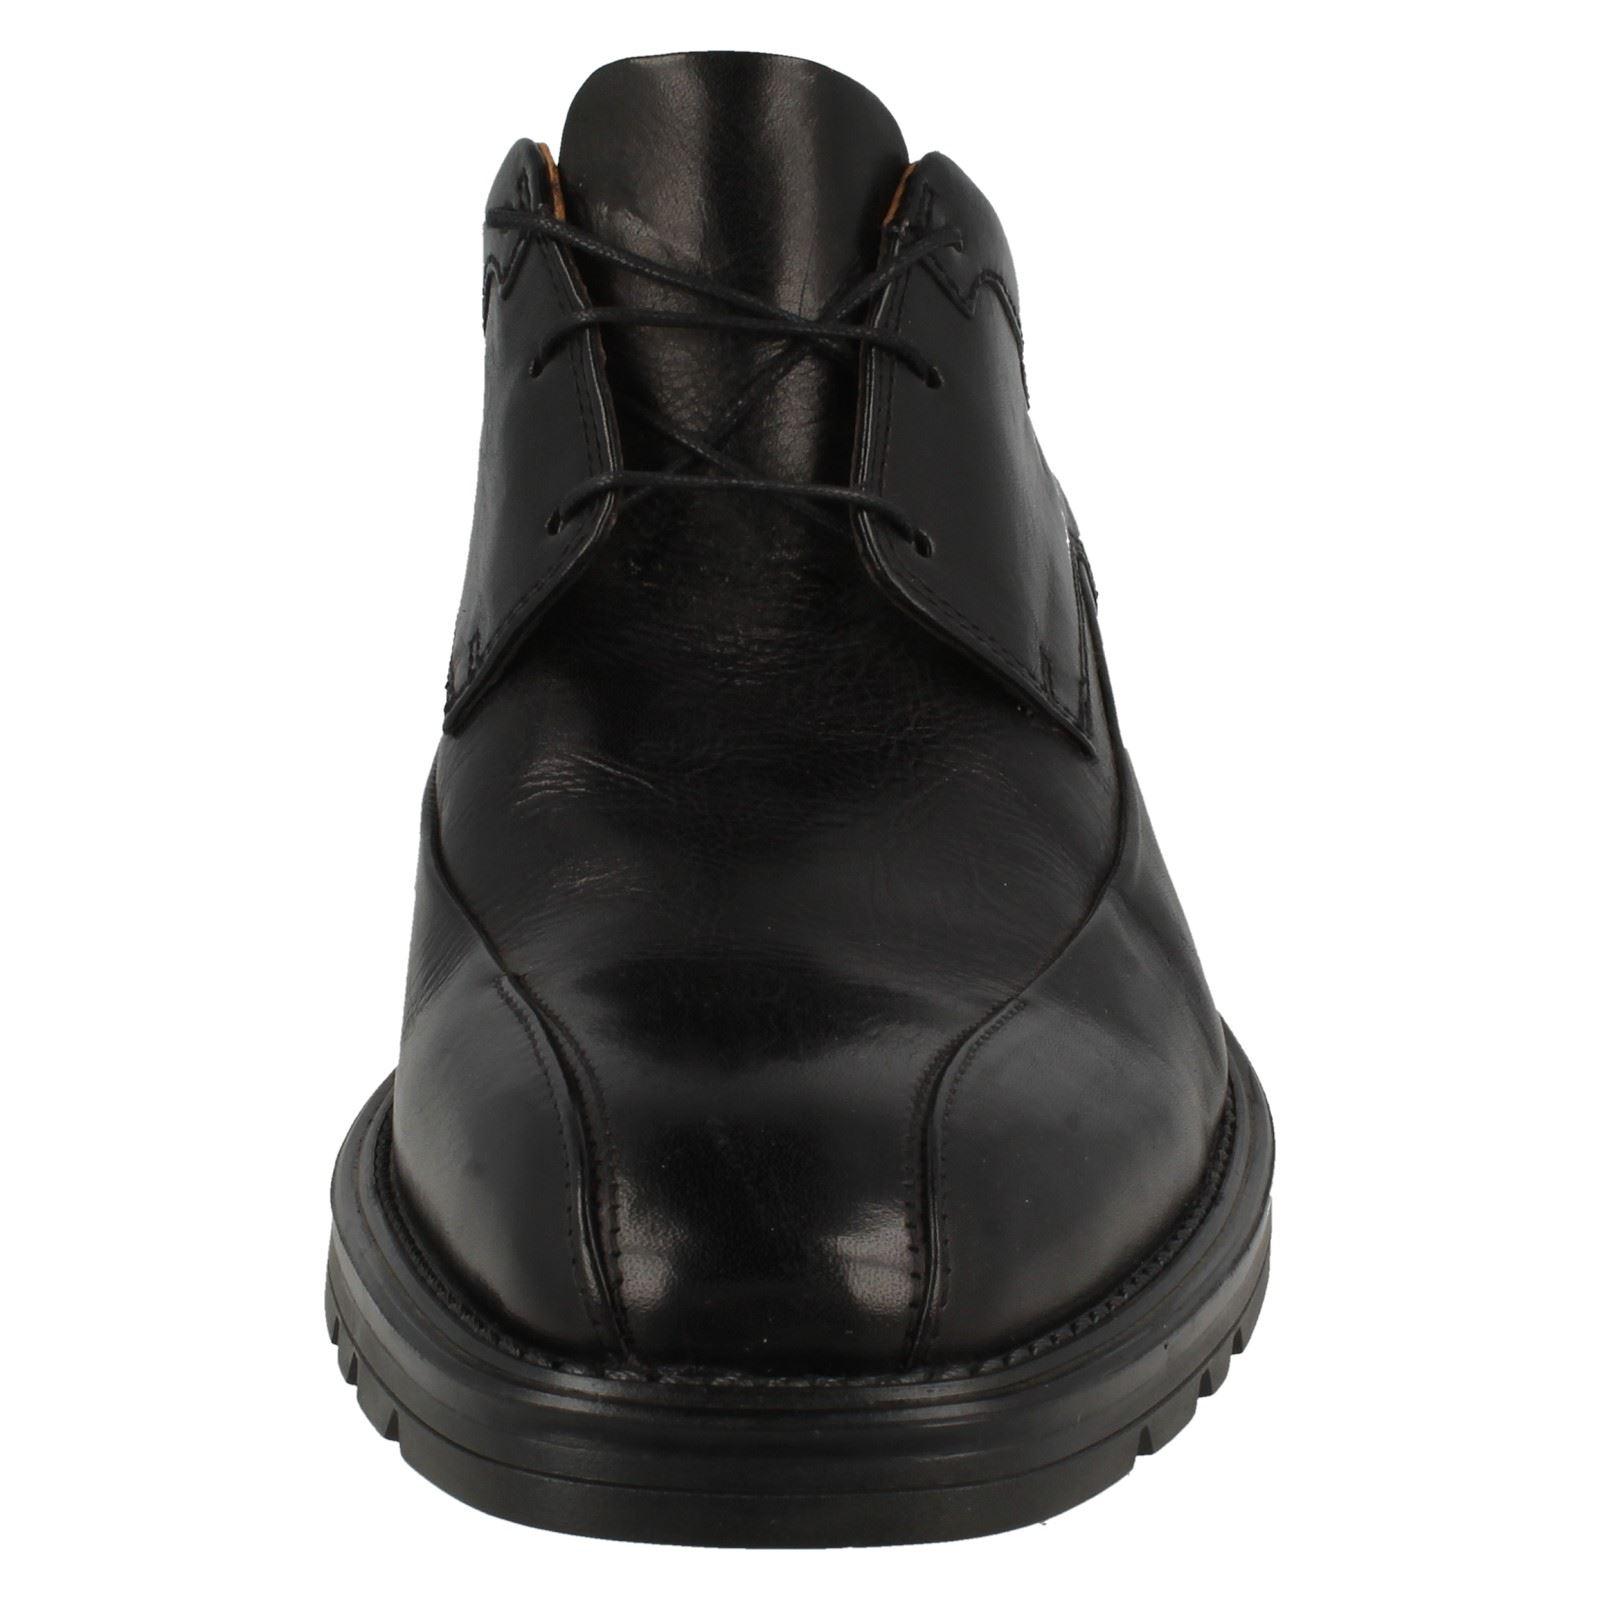 Clarks Formal Zapatos Con Cordones Para hombre día